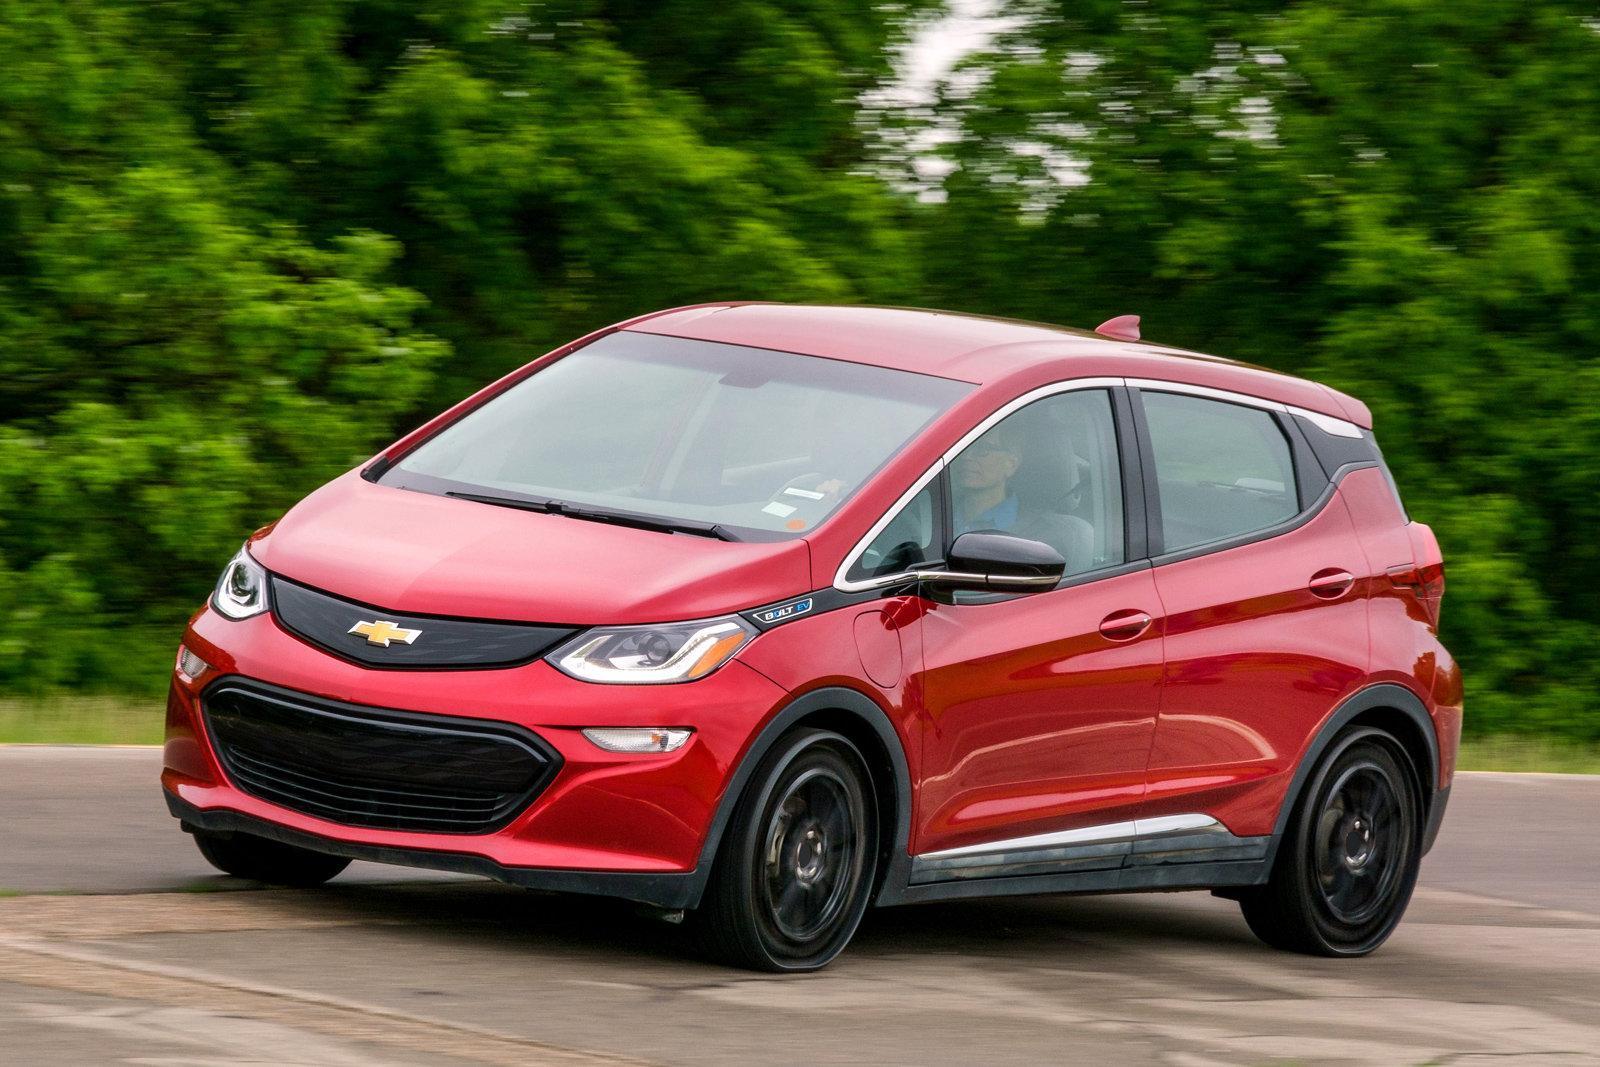 GM и Michelin сделают безвоздушные шины Uptis для легковых автомобилей к 2024 году (dims 1)